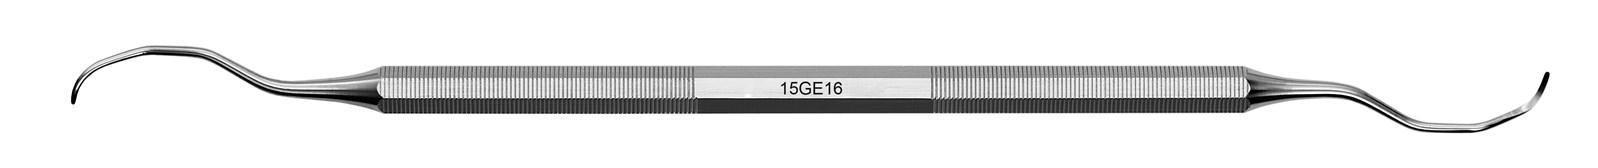 Kyreta Gracey Classic - 15GE16, ADEP silikonový návlek světle modrý